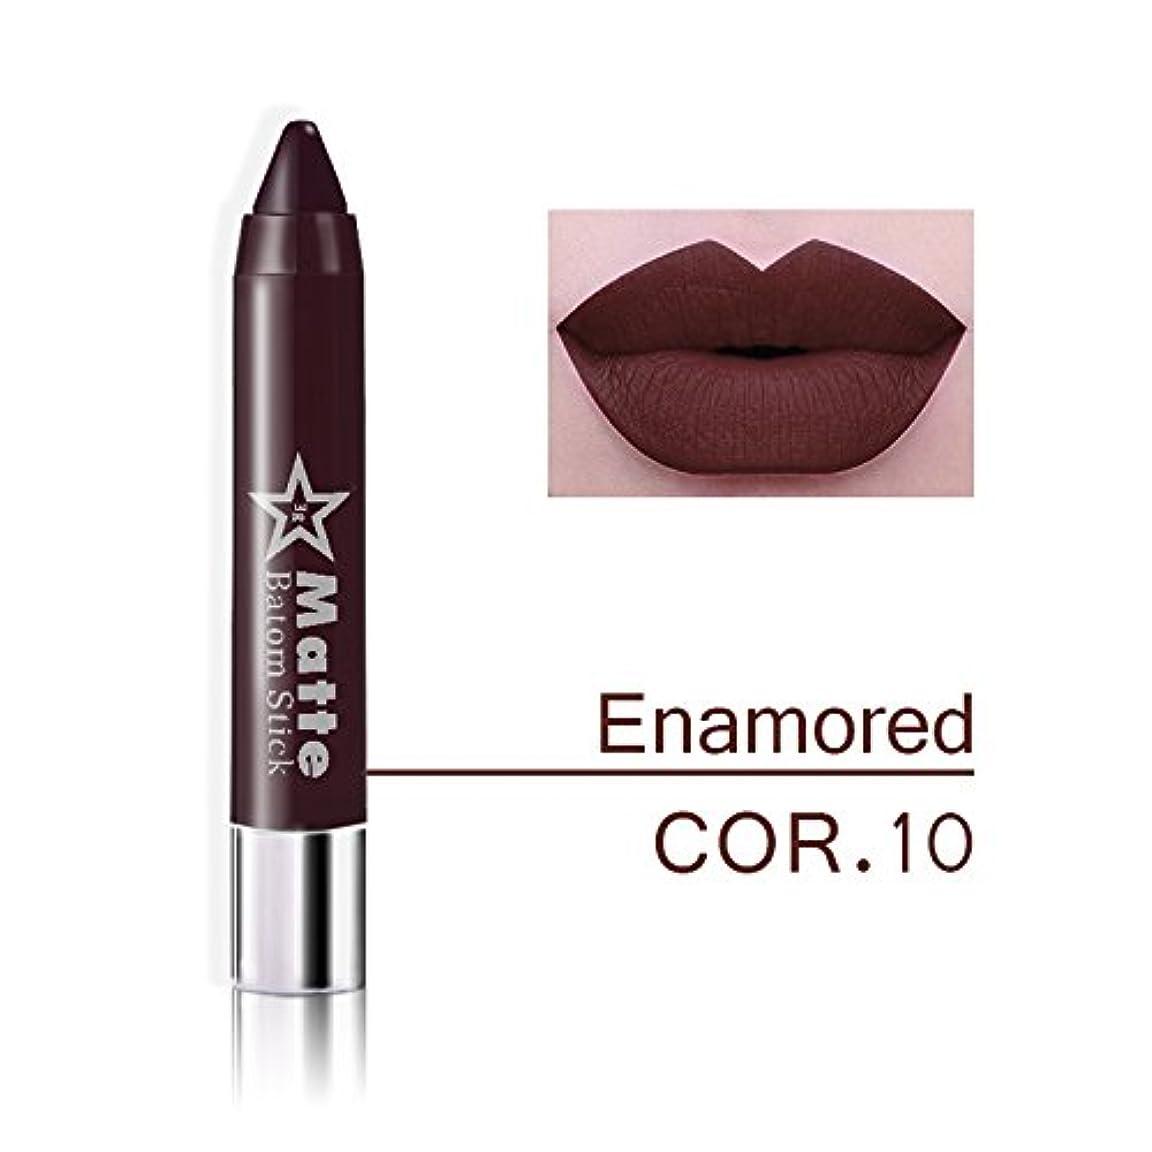 学ぶいじめっ子許可Miss Rose Brand lips Matte Moisturizing Lipstick Makeup Lipsticks Waterproof matte Lip gloss Mate Lipsticks Make up